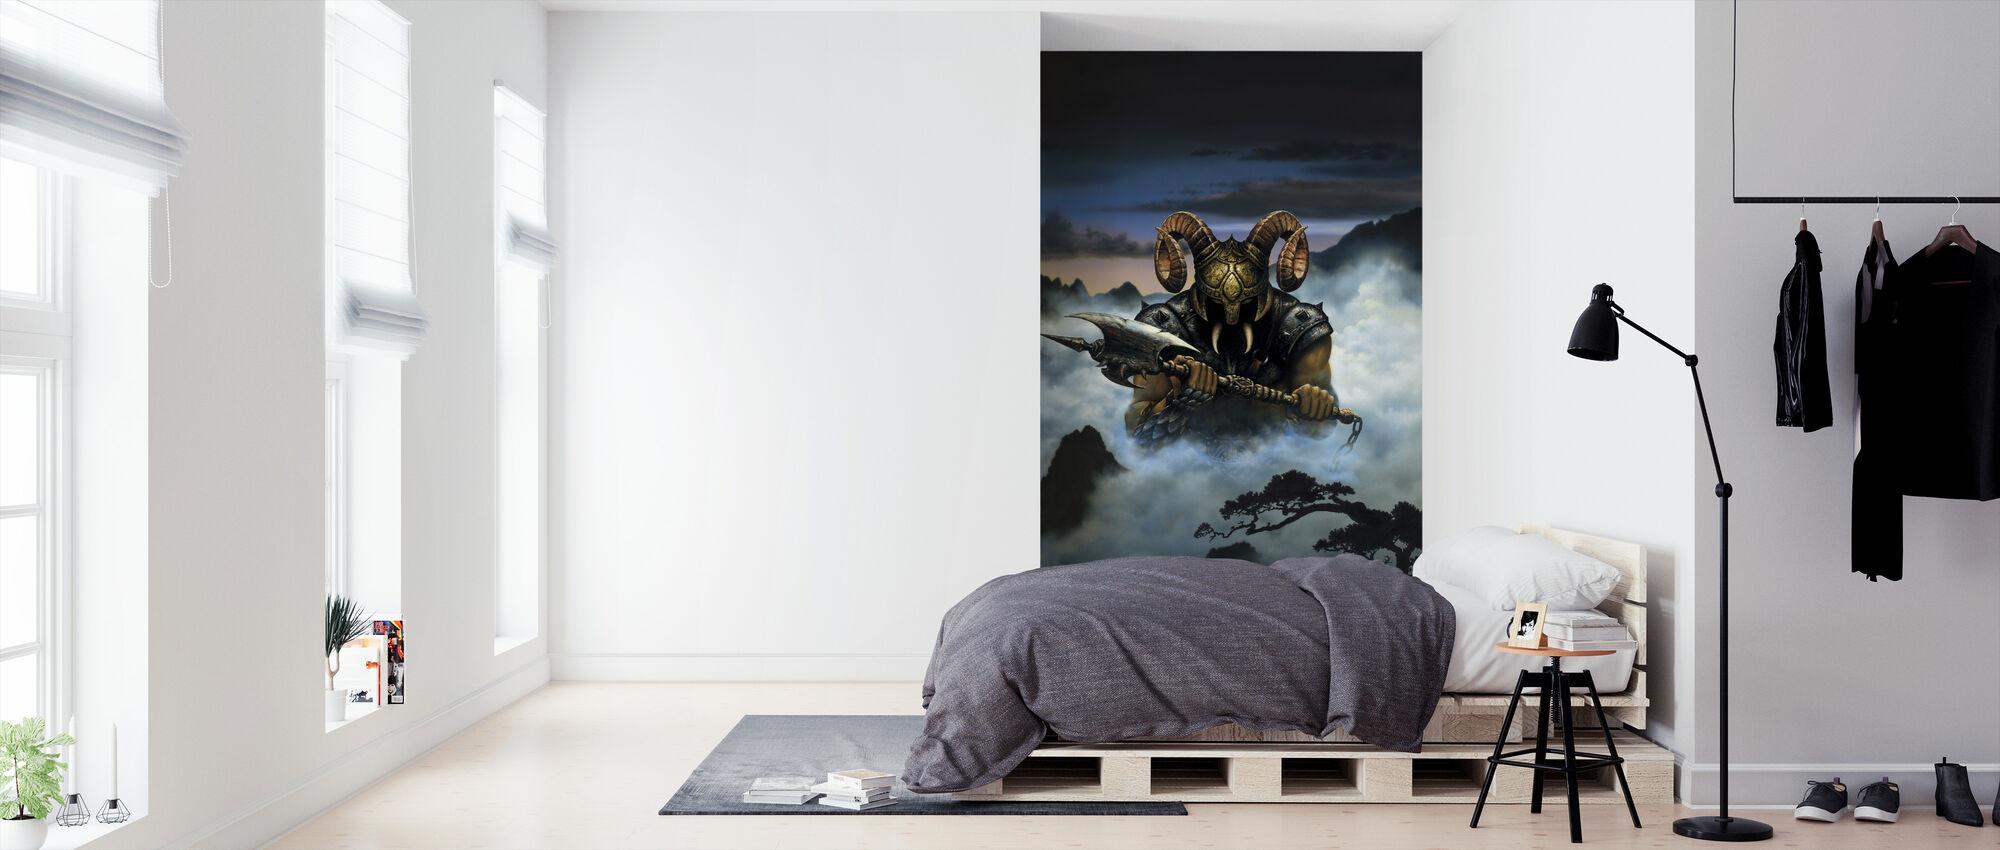 Demon - Wallpaper - Bedroom